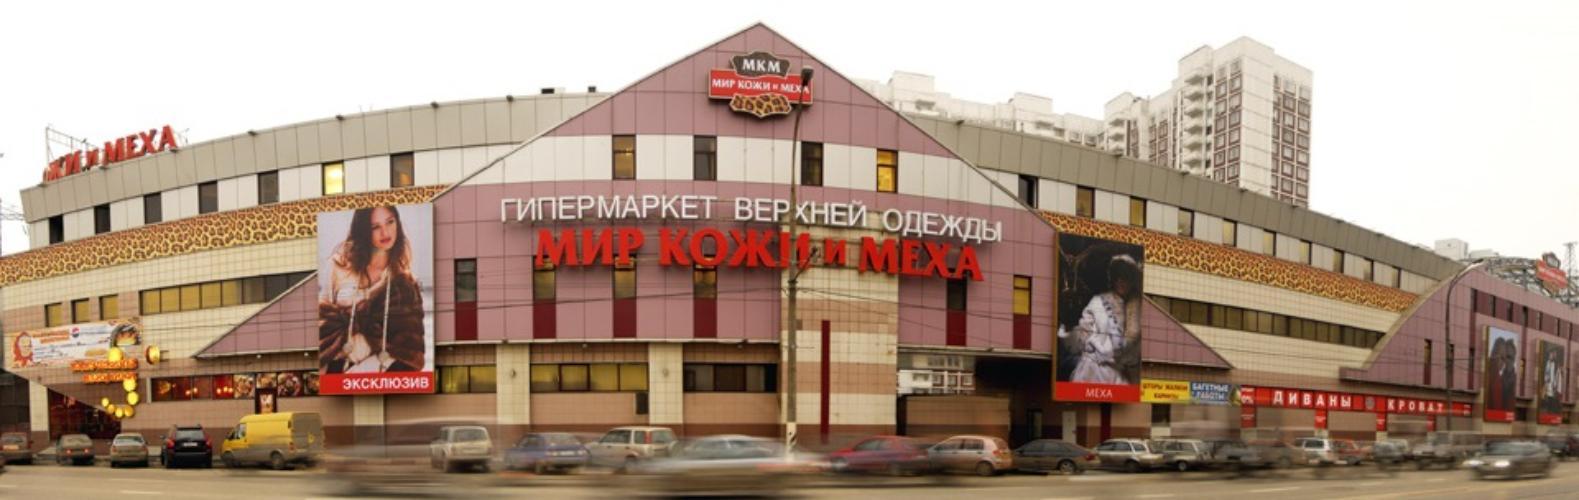 Адреса магазинов верхней женской одежды